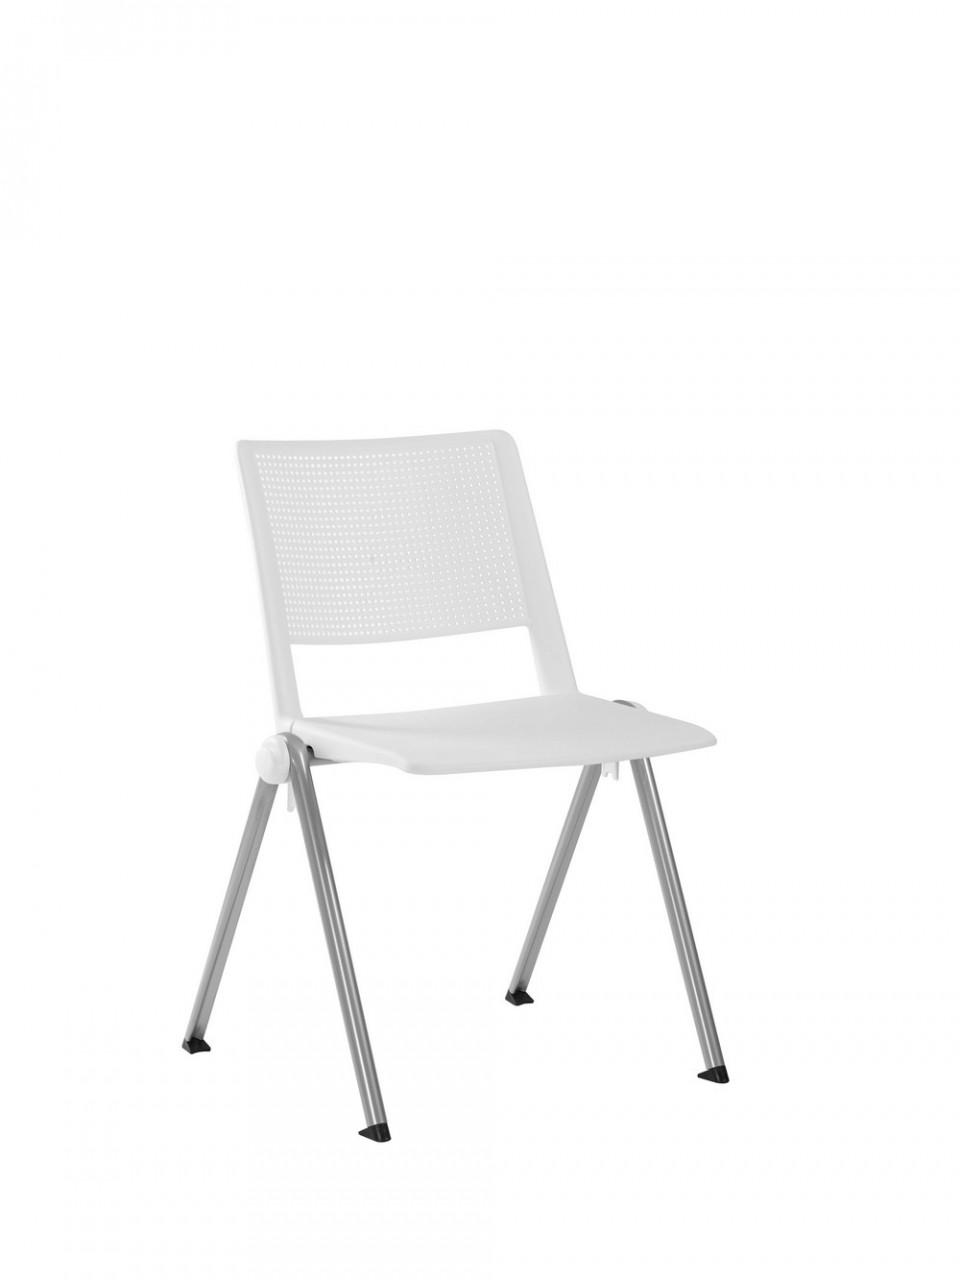 chaise de collectivit line achat chaise pour collectivite votre mobilier collectivite 58 00. Black Bedroom Furniture Sets. Home Design Ideas